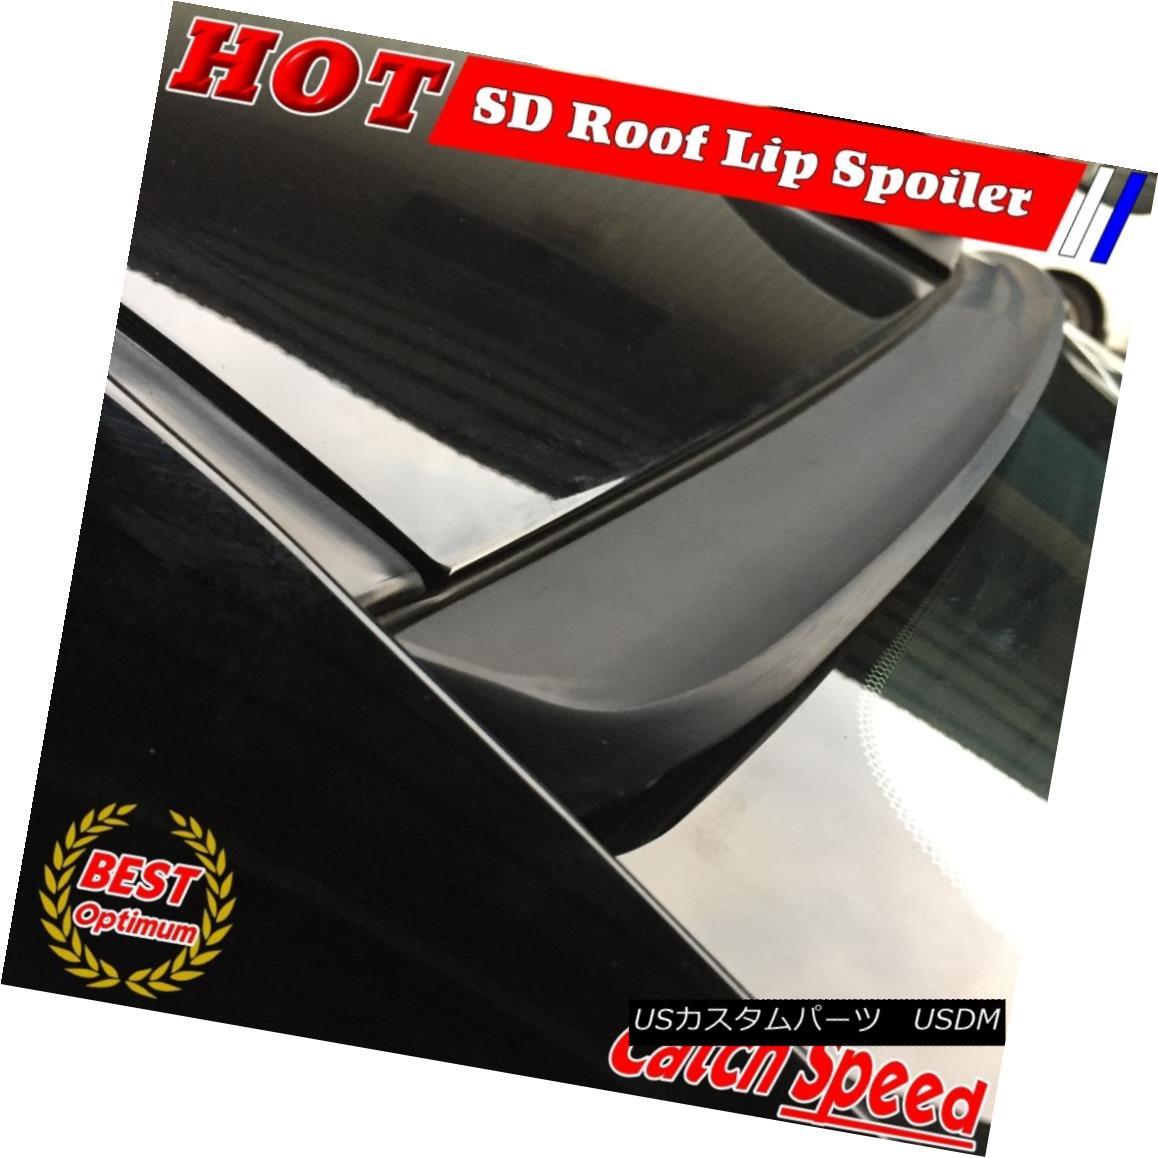 エアロパーツ Painted SD Style Rear Roof Spoiler For Hyundai Elantra Avante 2011~2015 Sedan Hyundai Elantra Avante 2011年?2015年セダン用SDスタイルのリアルーフスポイラーを塗装